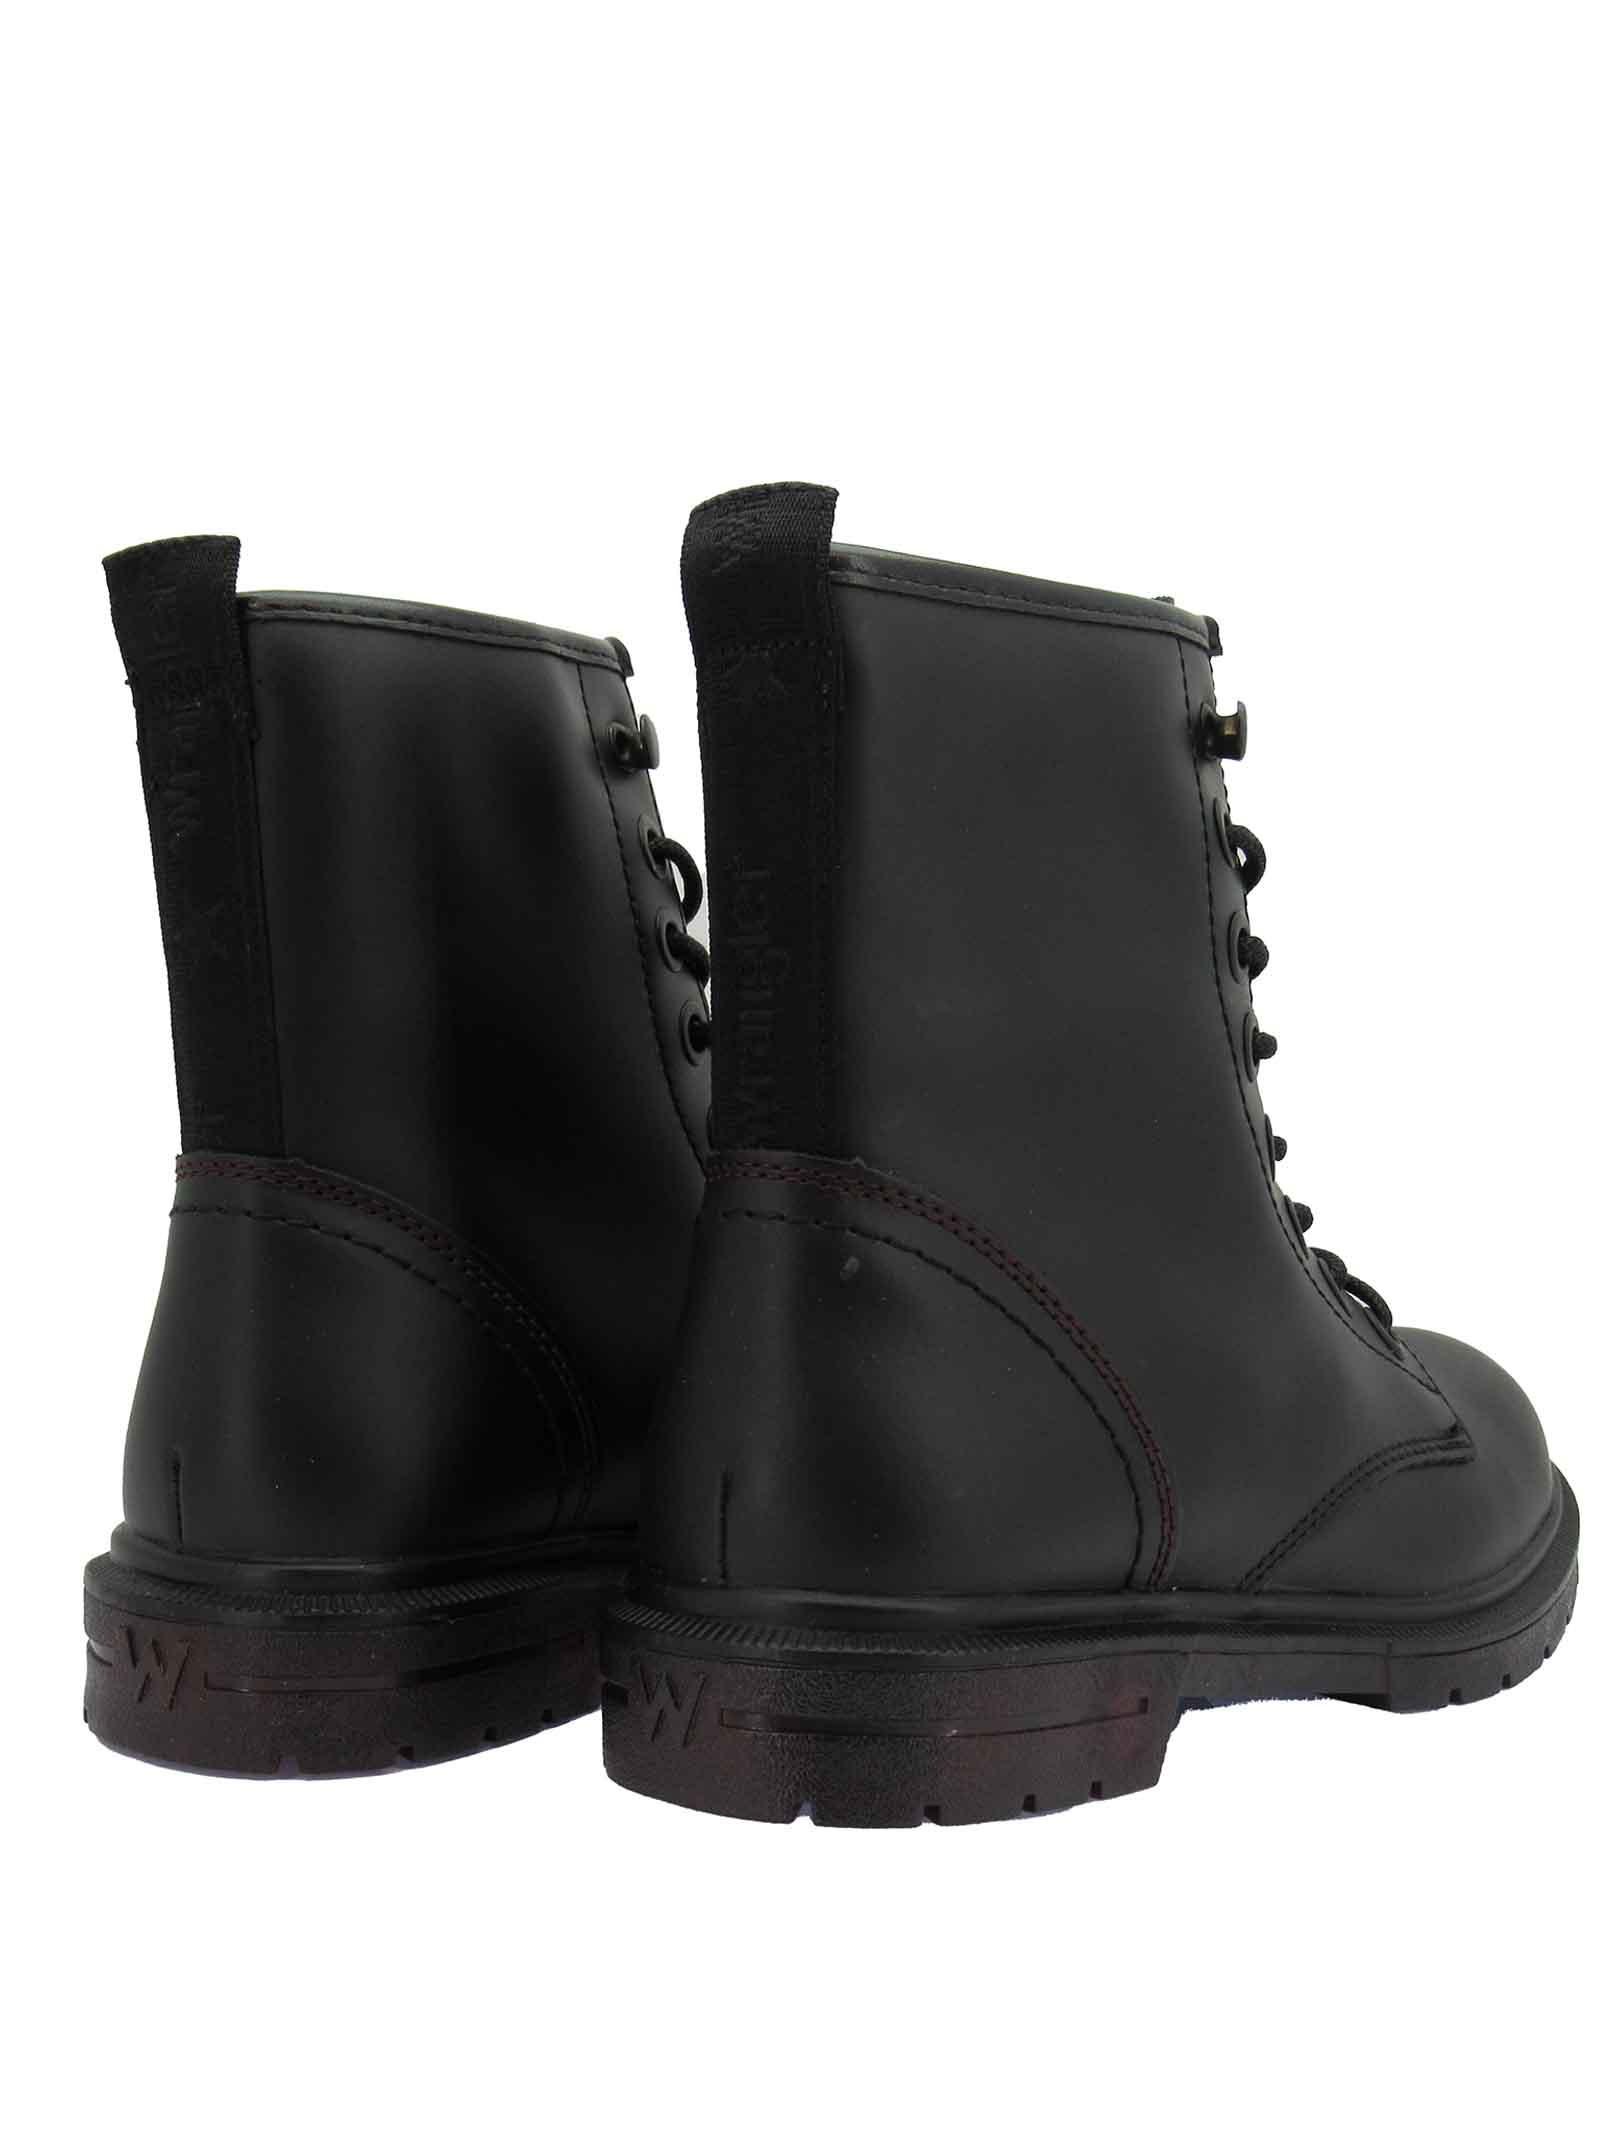 Calzature Donna Stivaletti Anfibi Combat Boot Spike Mid in Pelle Nera Opaca con Fondo in Gomma Carrarmato Wrangler | Stivaletti | WL12560A062